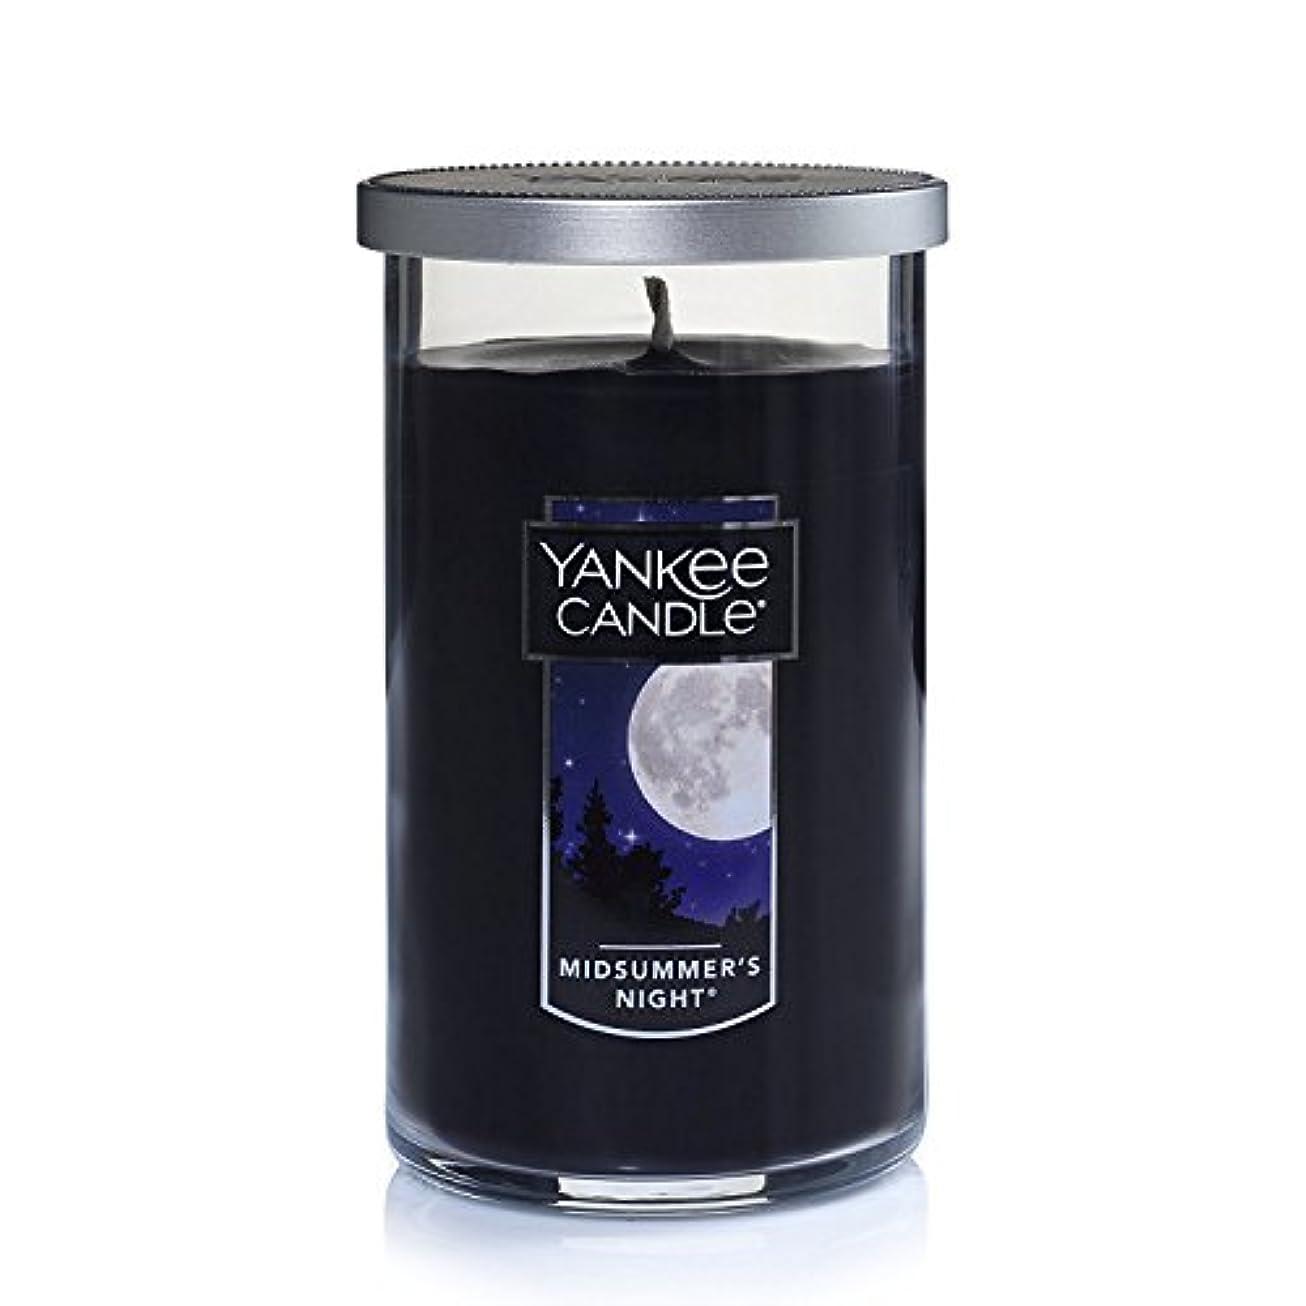 隠エンドウ適応的Yankee Candle Midsummer 's Night Medium single-wickタンブラーCandle